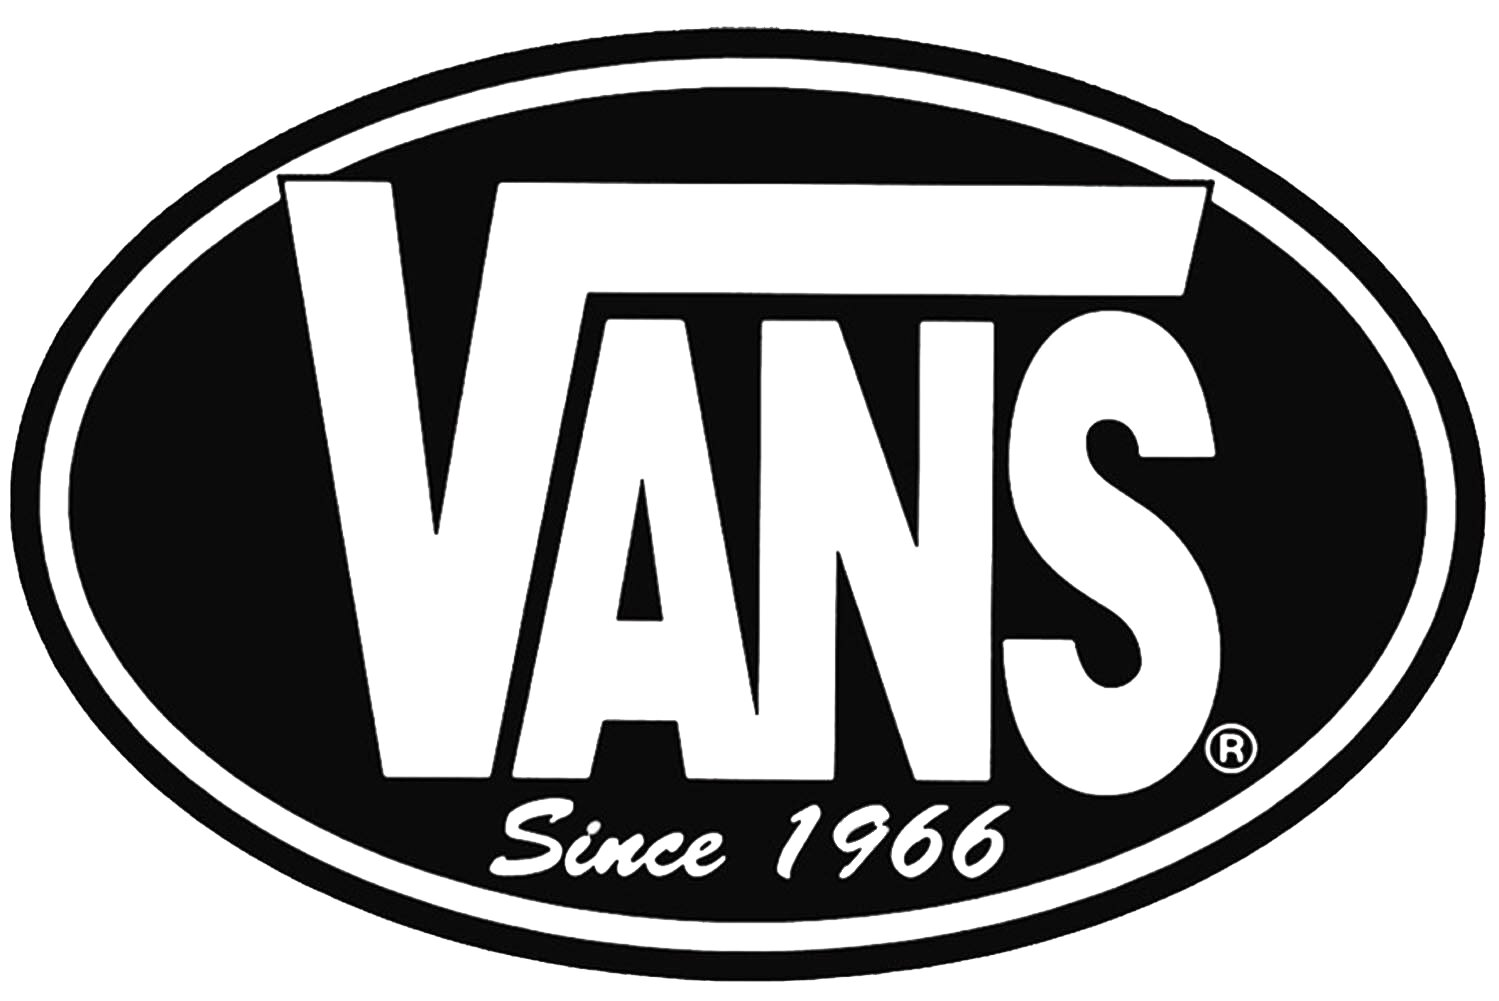 Danh sách các cửa hàng Vans chính hãng tại Việt Nam